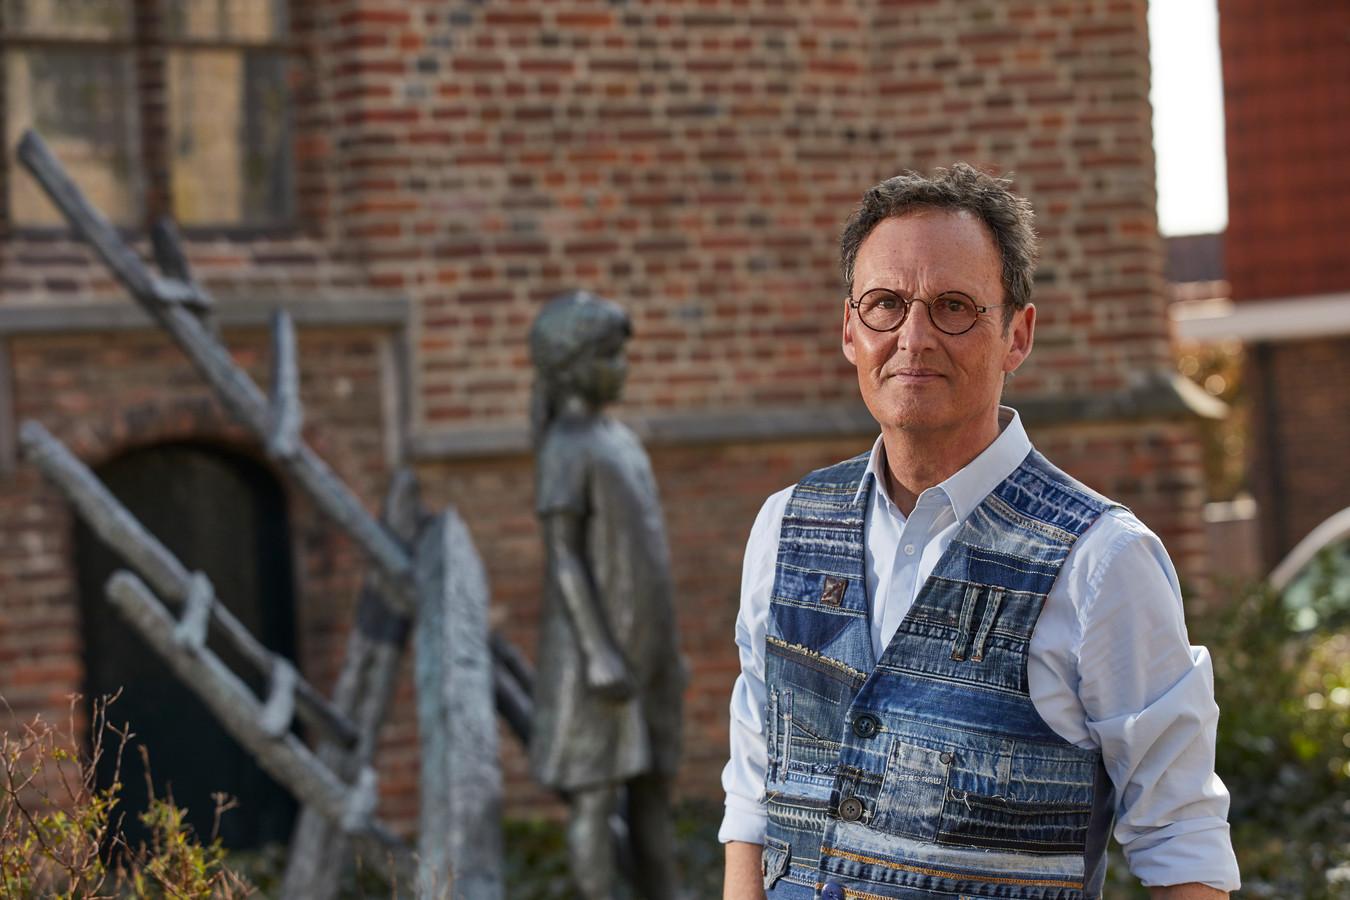 Herbert te Velthuis uit Borculo wil een weermuseum oprichten. Hier staat hij bij het monument ter nagedachtenis aan de stormramp, naast de  Sint Joriskerk.